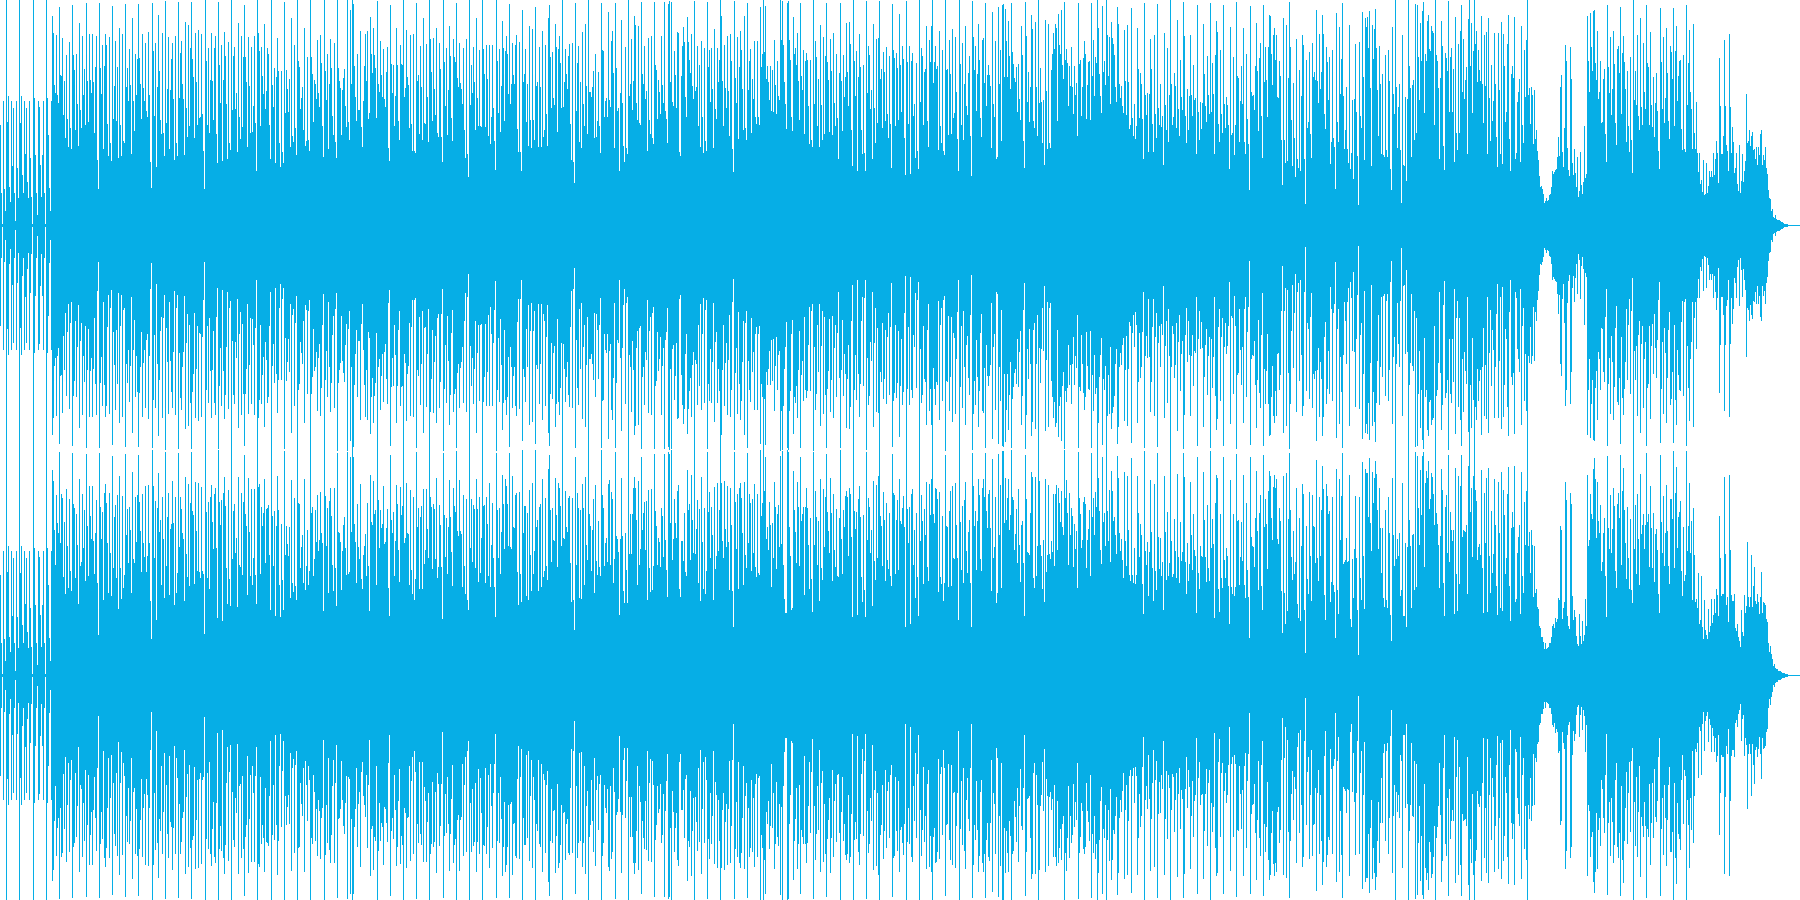 電子音を使ったキャッチーな曲調の再生済みの波形